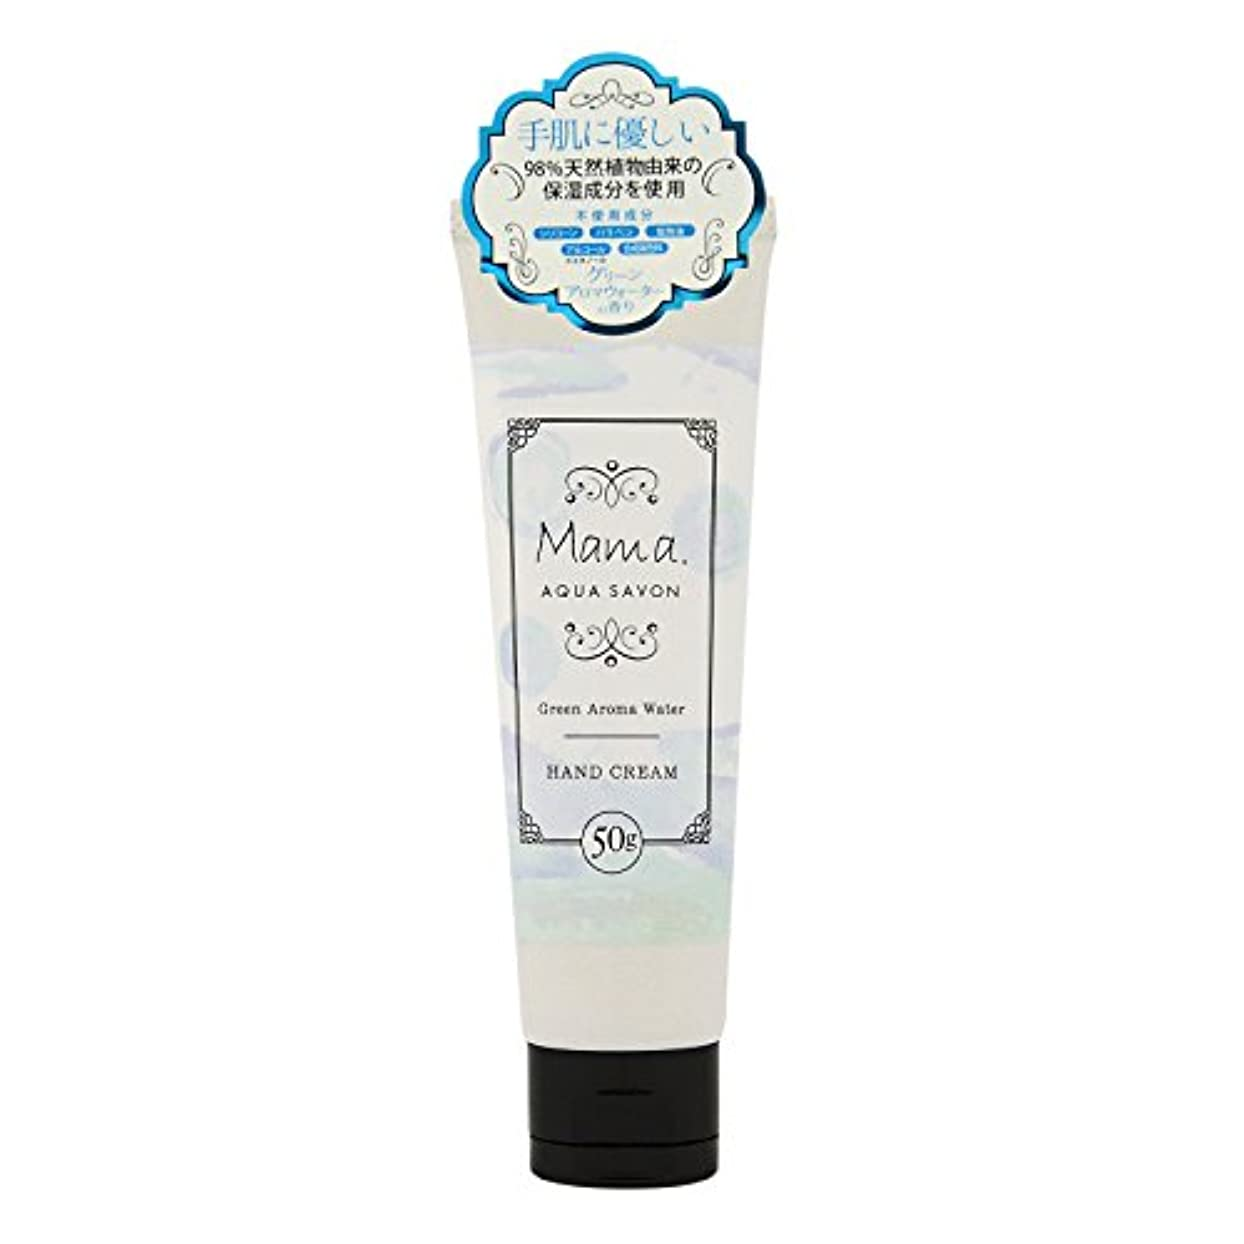 何もない登録奨励ママ アクアシャボン ハンドクリーム グリーンアロマウォーターの香り 50g